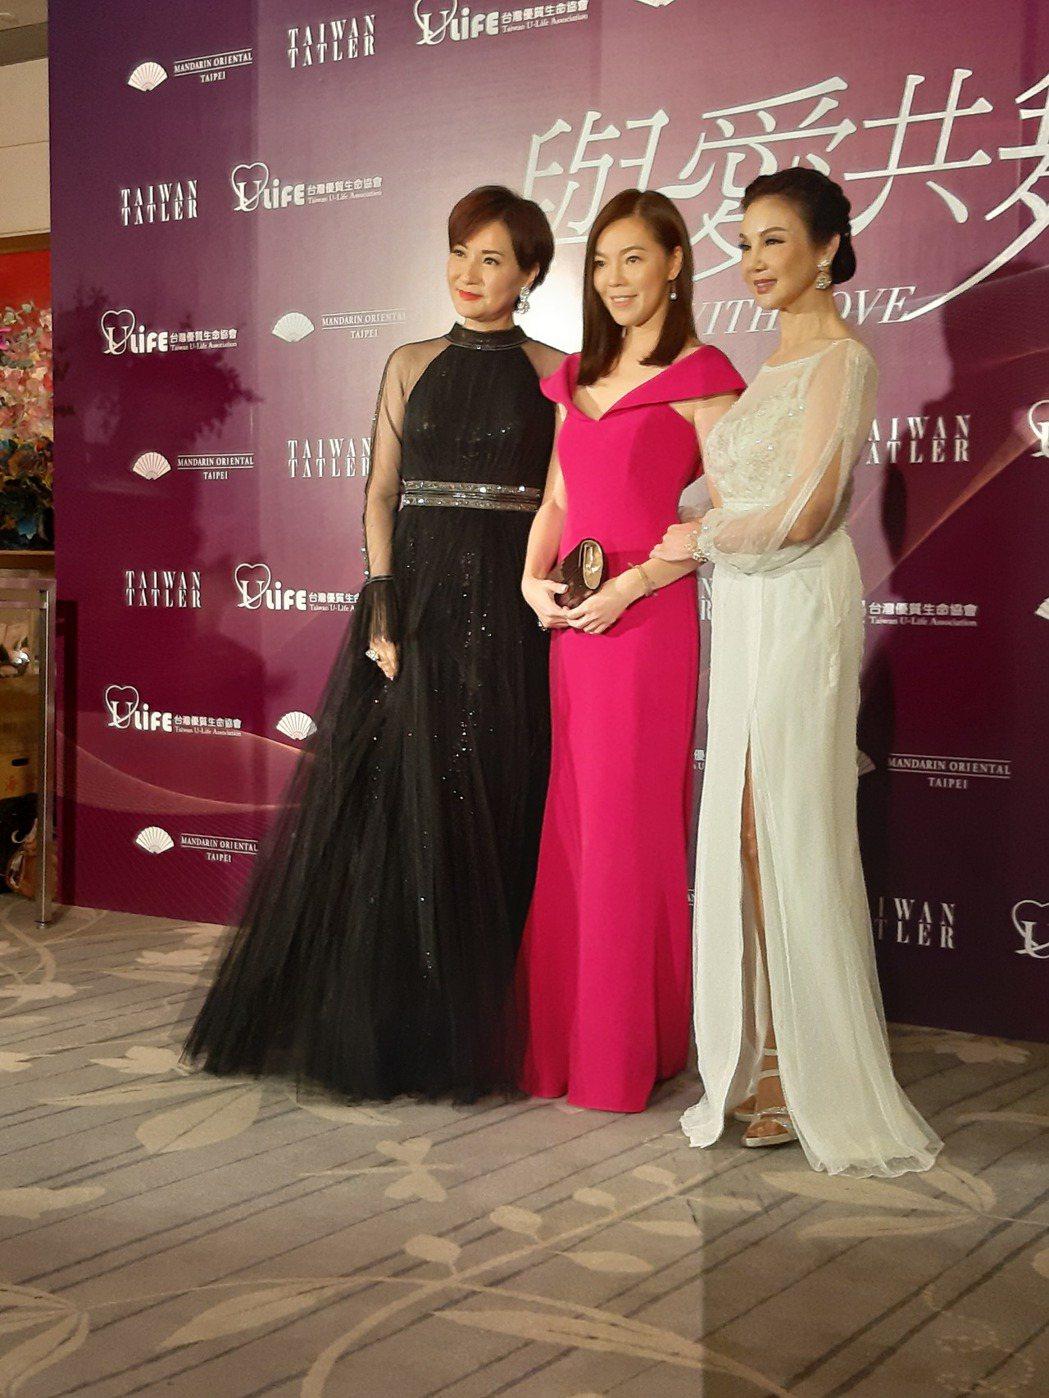 方芳芳(左起)、曾馨瑩和謝玲玲出席。記者林怡秀/攝影